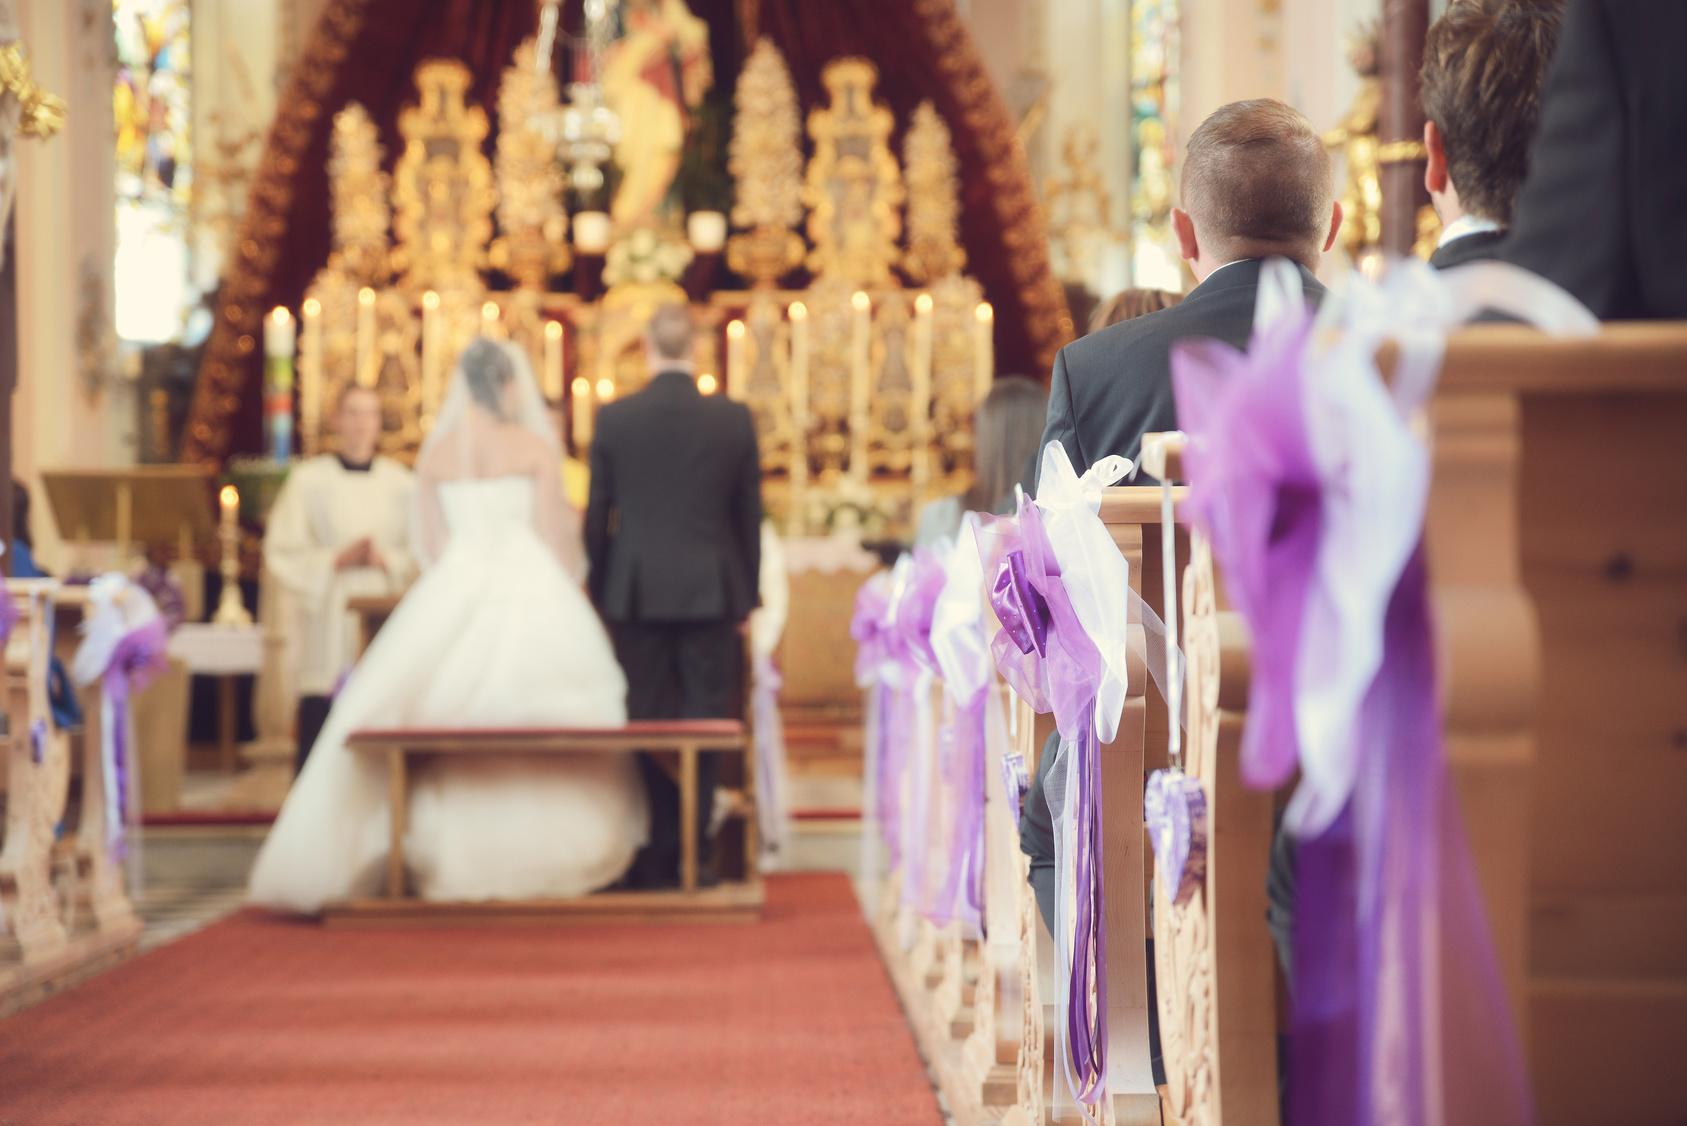 Wer fhrt eigentlich die Braut zum Altar  HOCHZEITcom